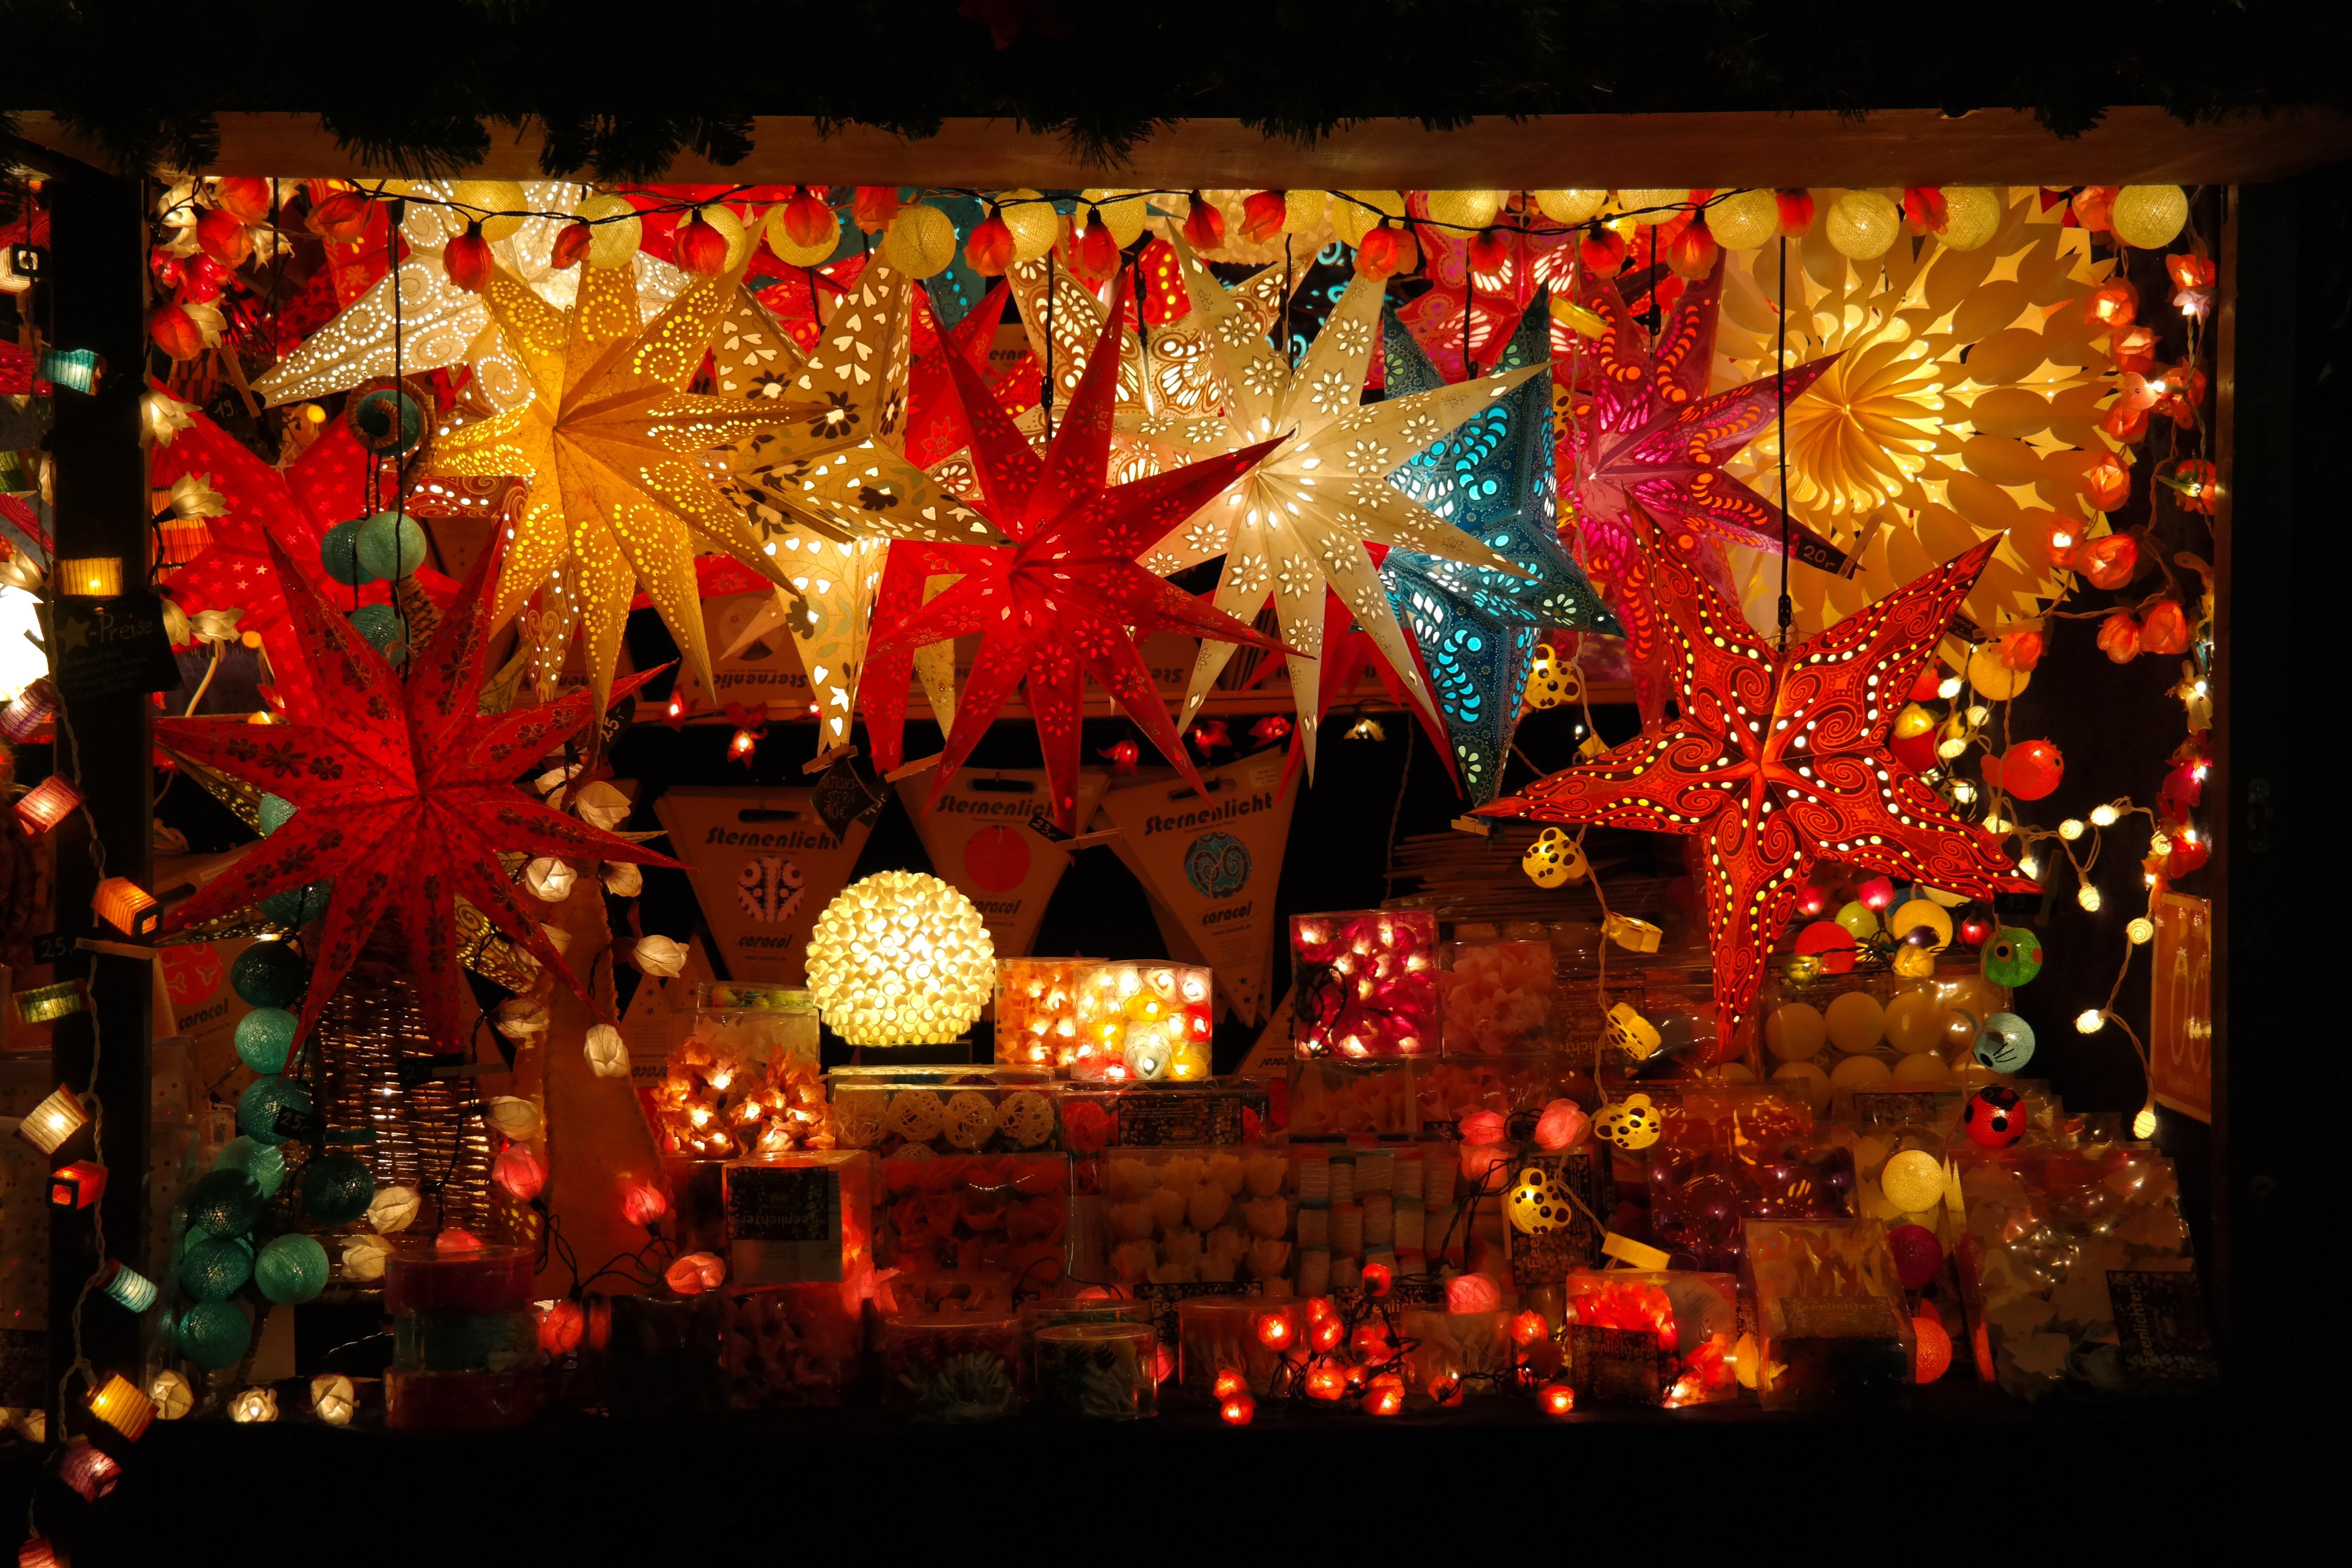 Fotos gratis ligero estrella fiesta iluminaci n decoraci n navide a estar puesto evento - Decoracion fiesta navidad ...